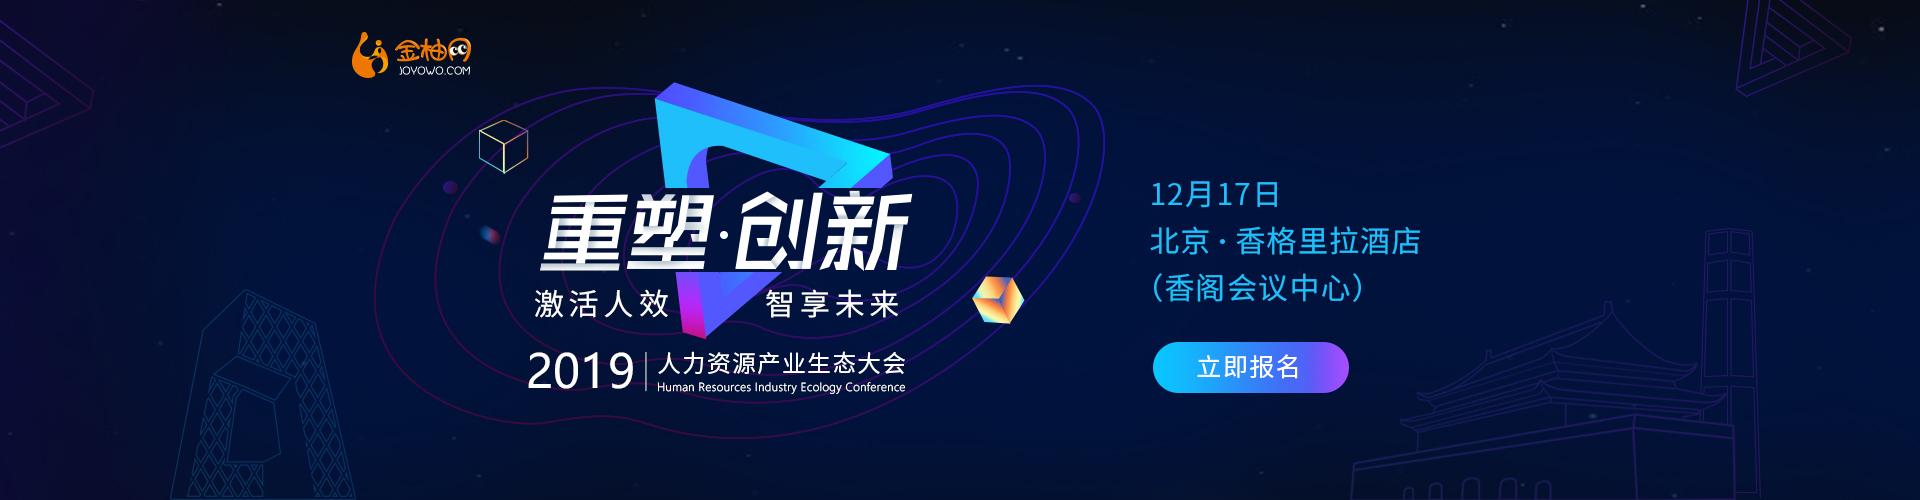 重塑•创新 激活人效 智享未来 2019人力资源产业生态大会-北京站